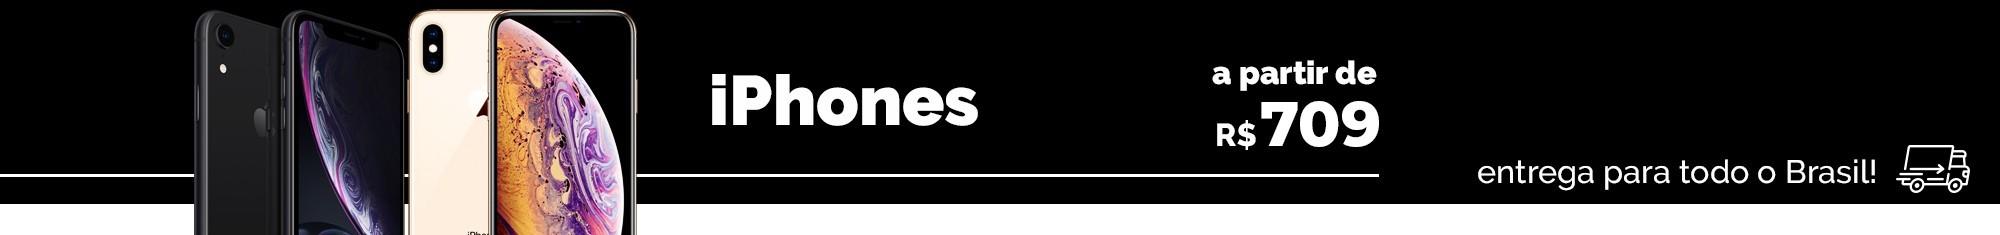 Iphone 6s usado: 64gb e mais em promoção